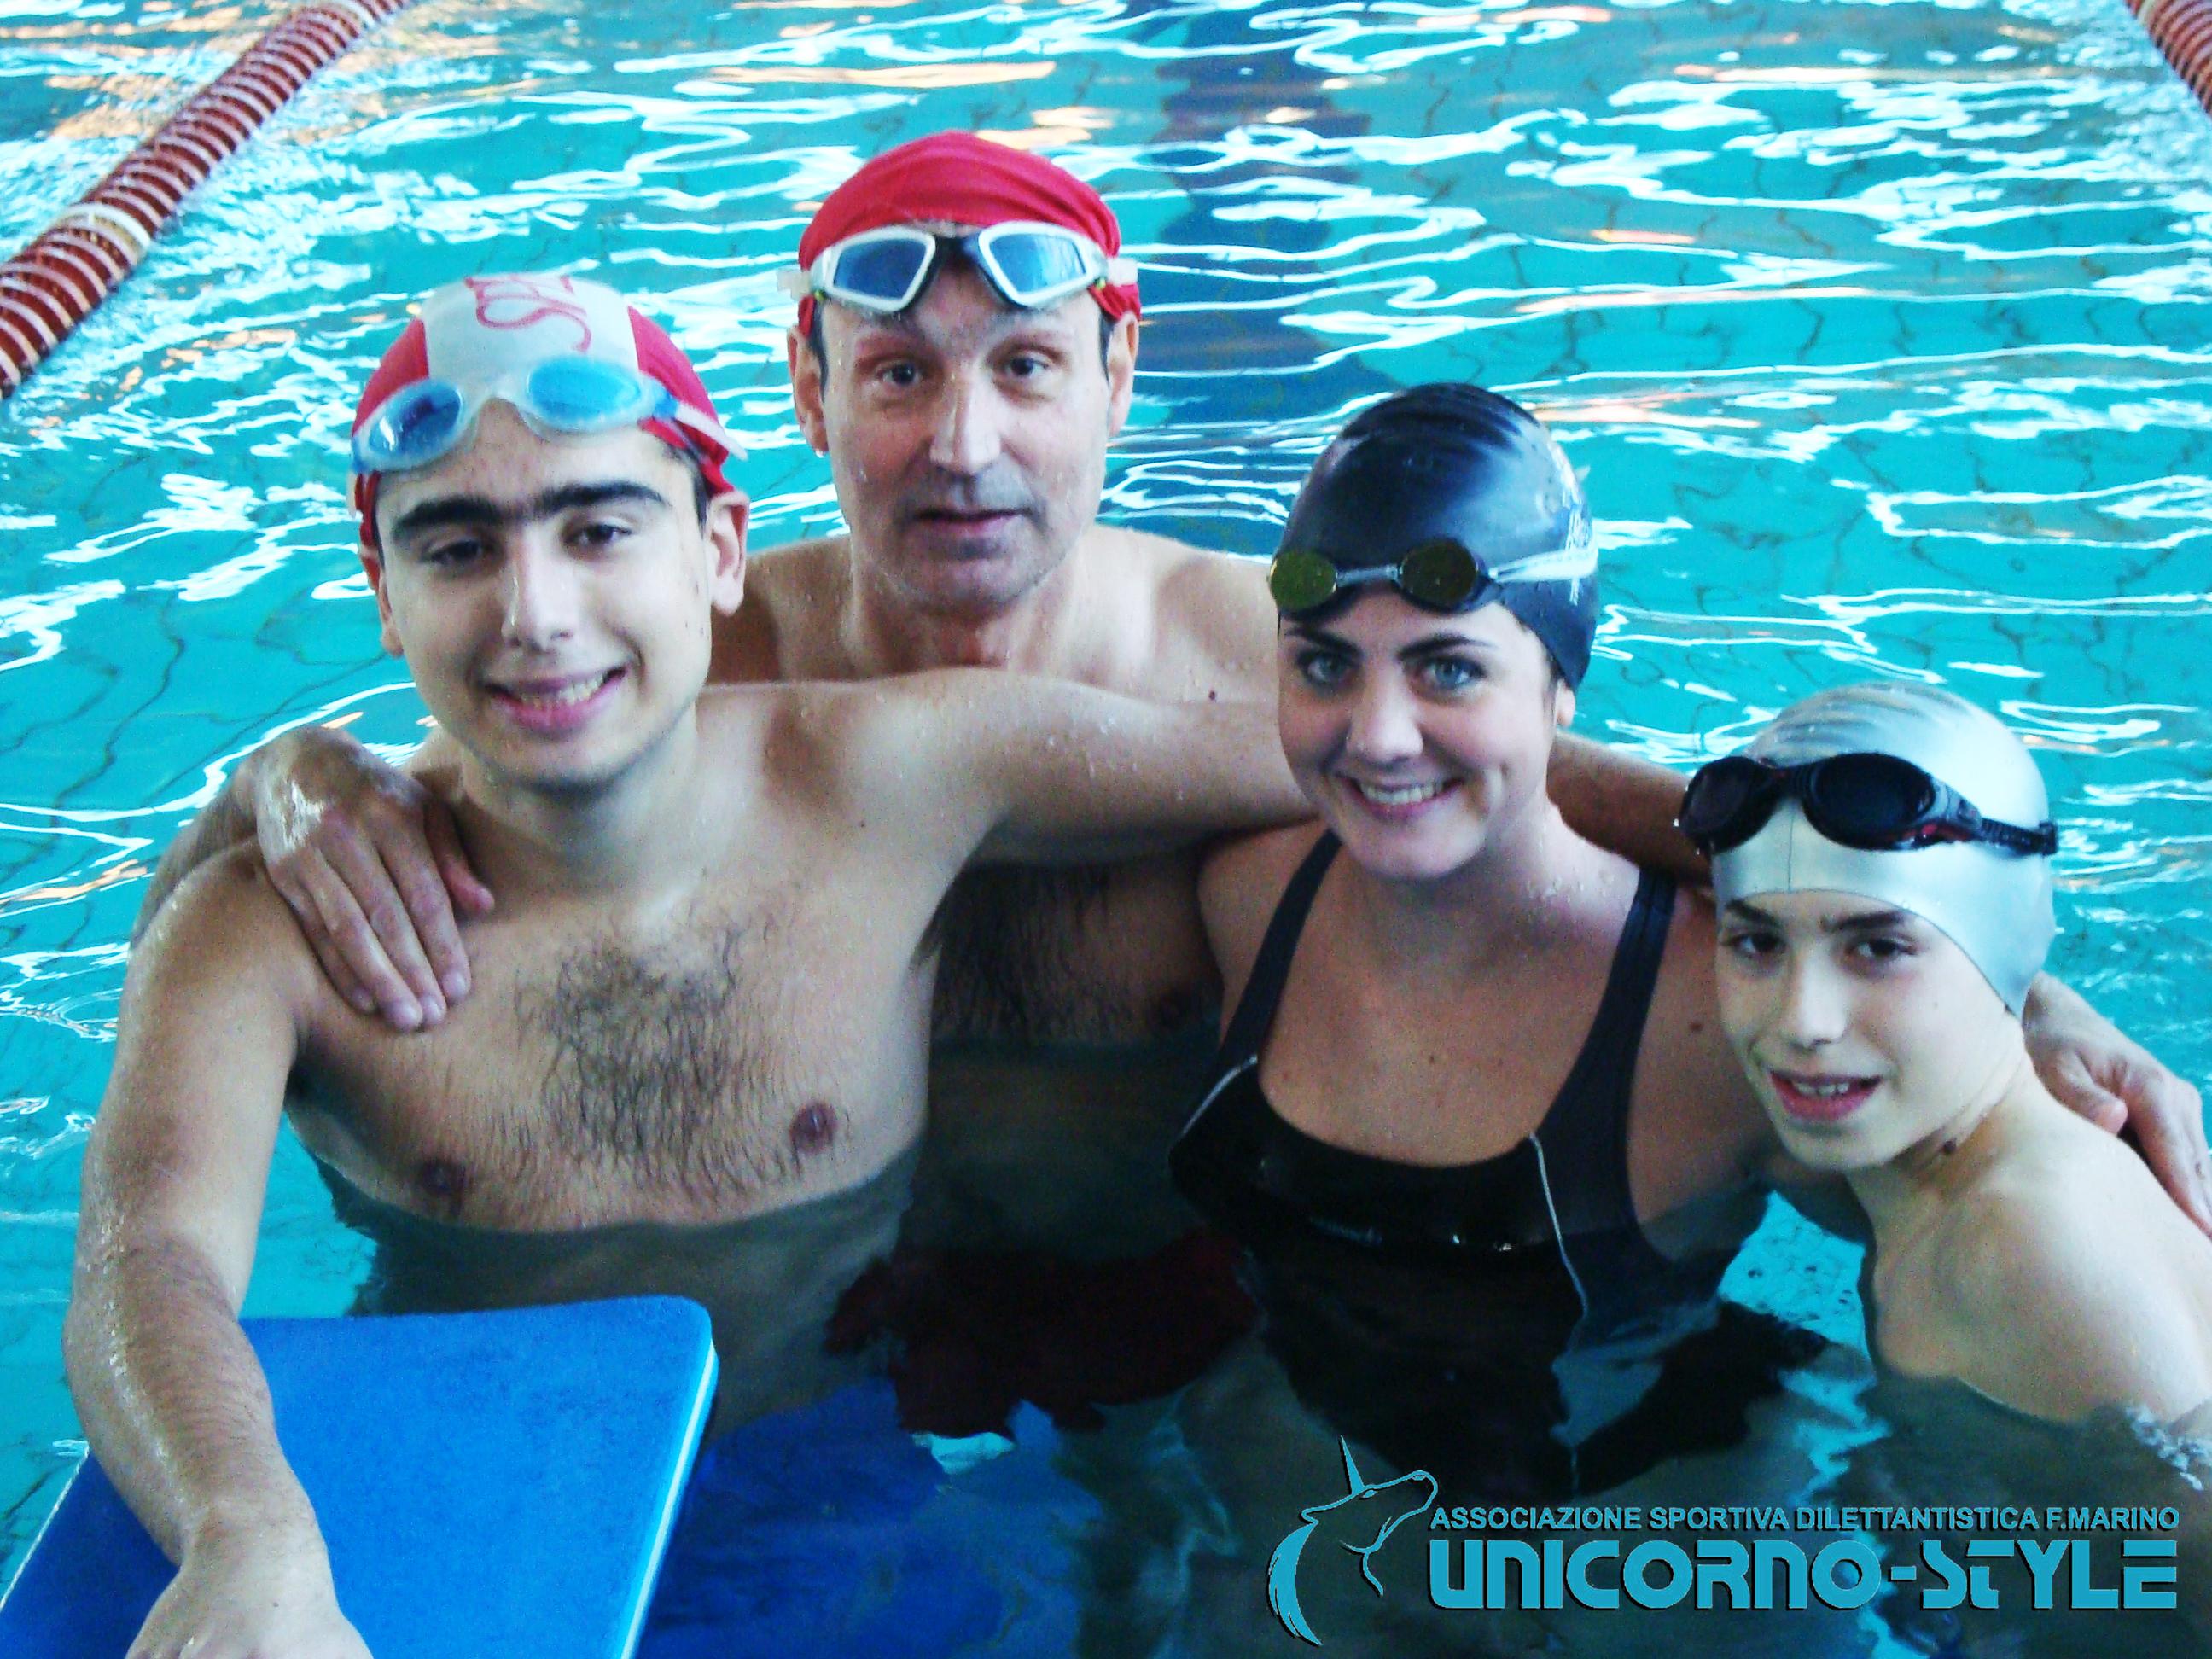 UNICORNO STYLE promuove l'attività estiva di Nuoto per Diversamente Abili presso la piscina Lido